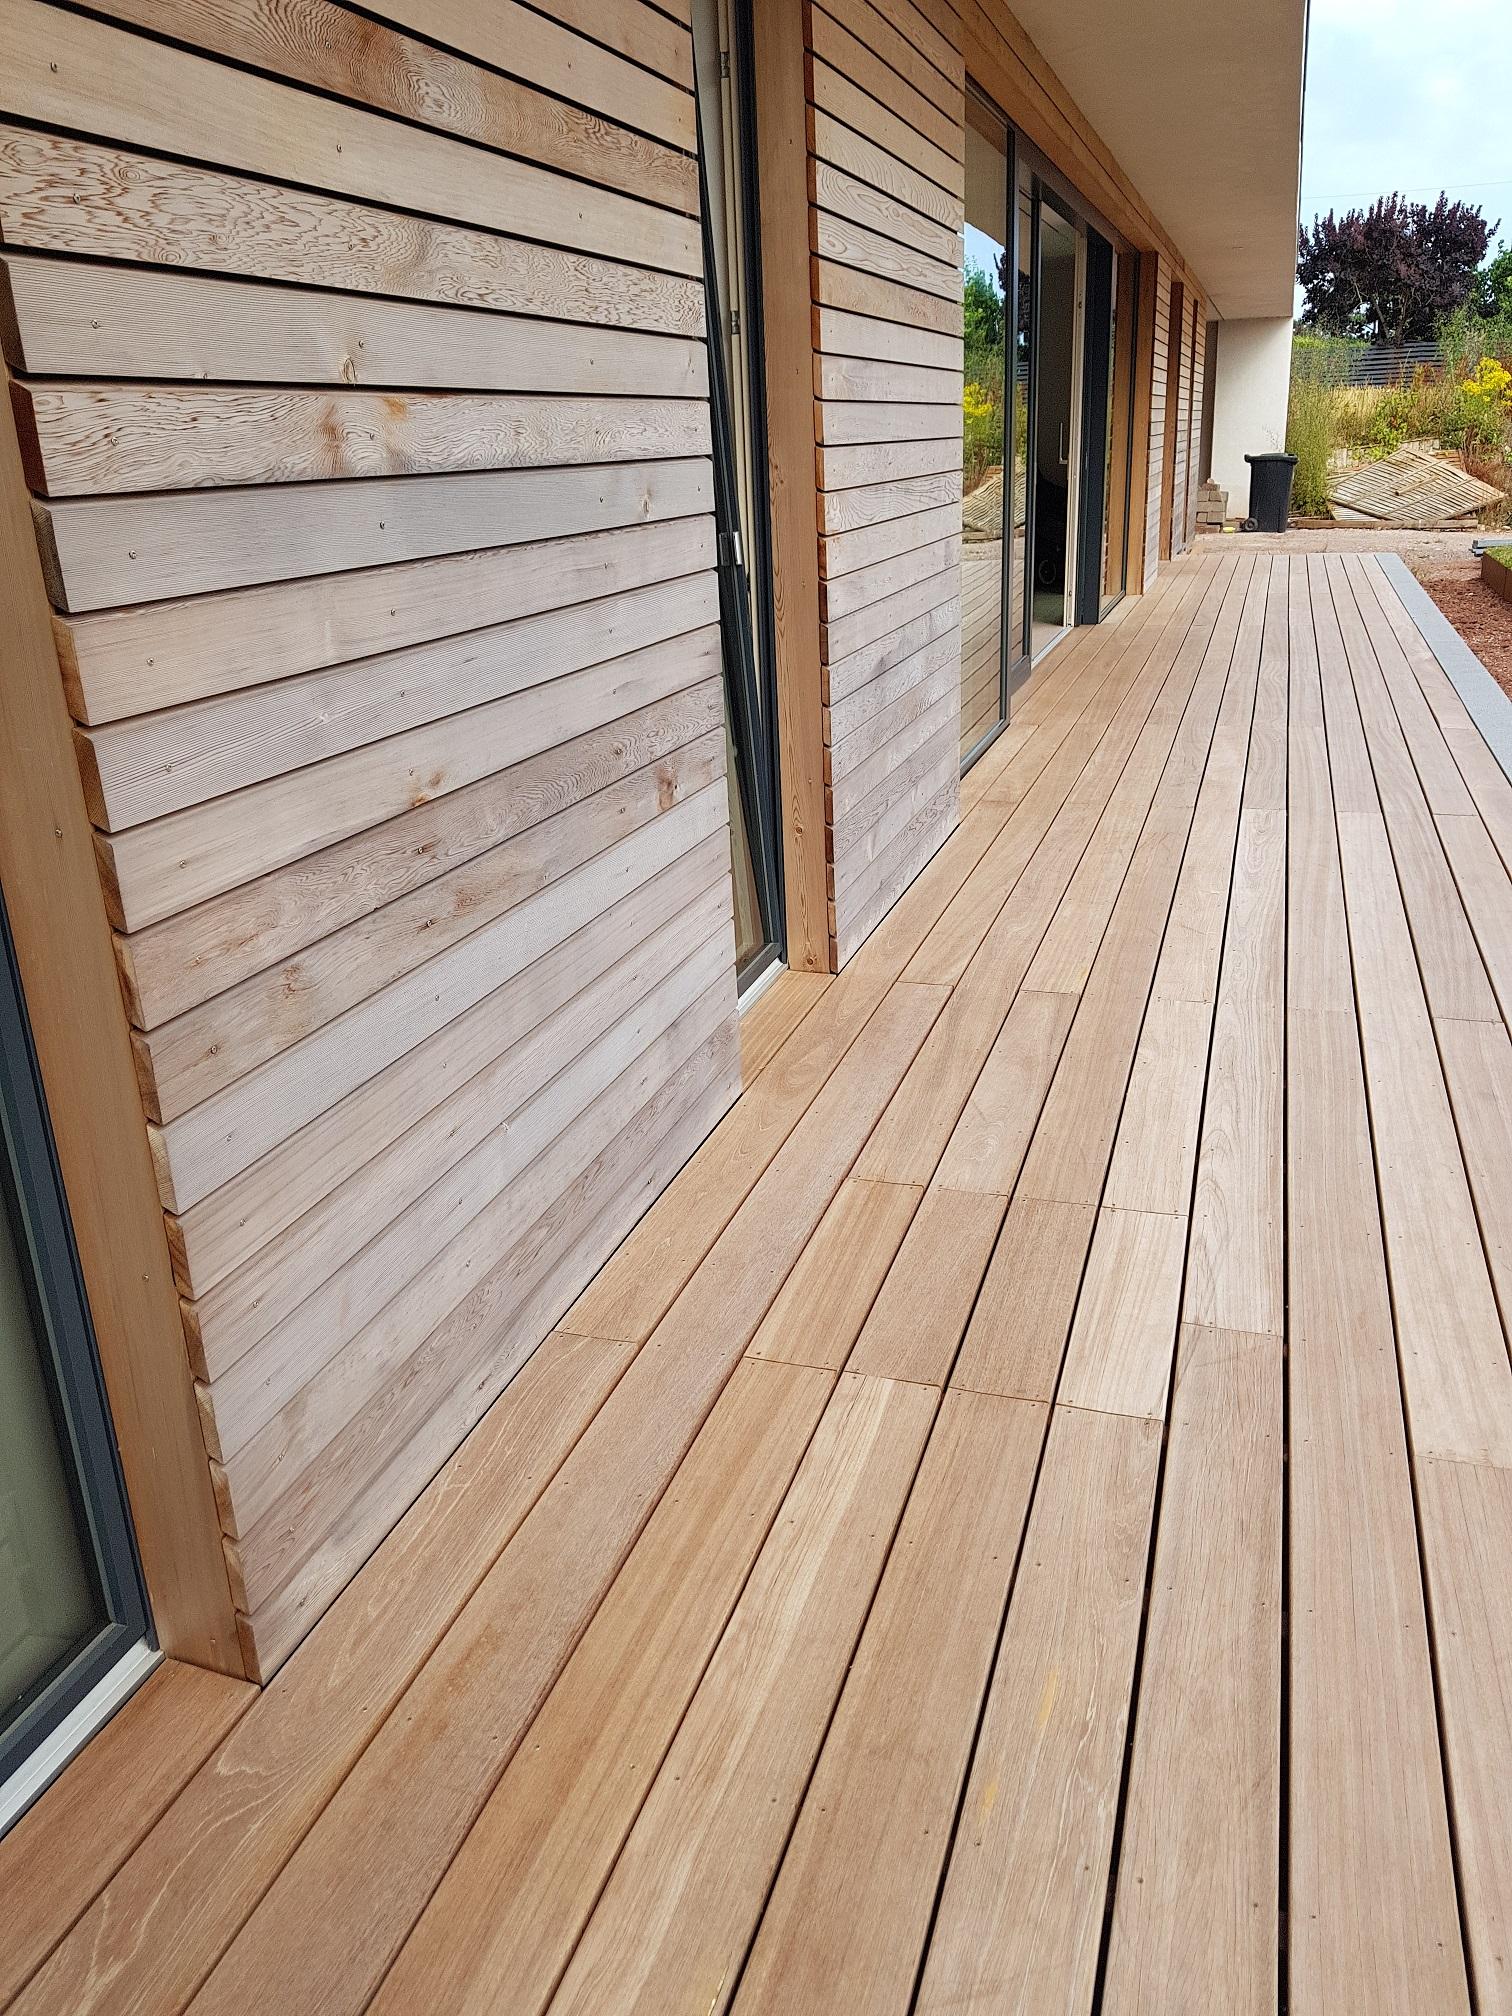 Timber deck and timber rain screen